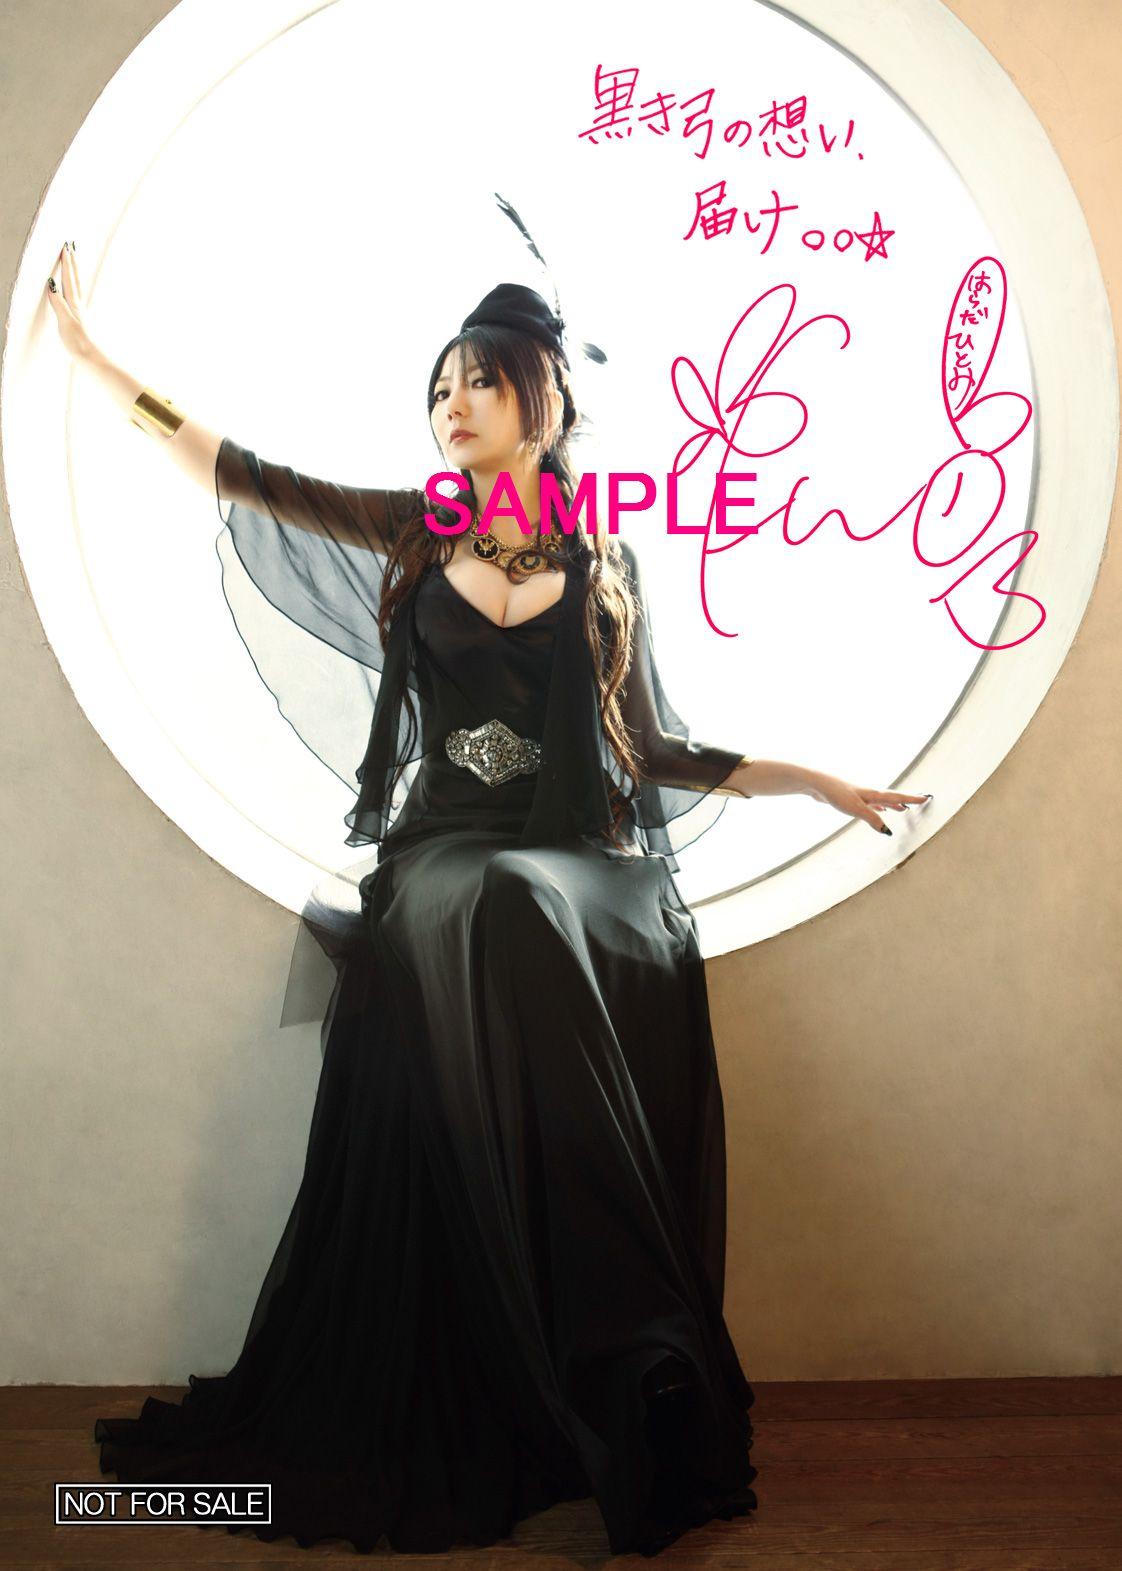 성우 하라다 히토미씨의 8번째 싱글 음반 특전 브로..